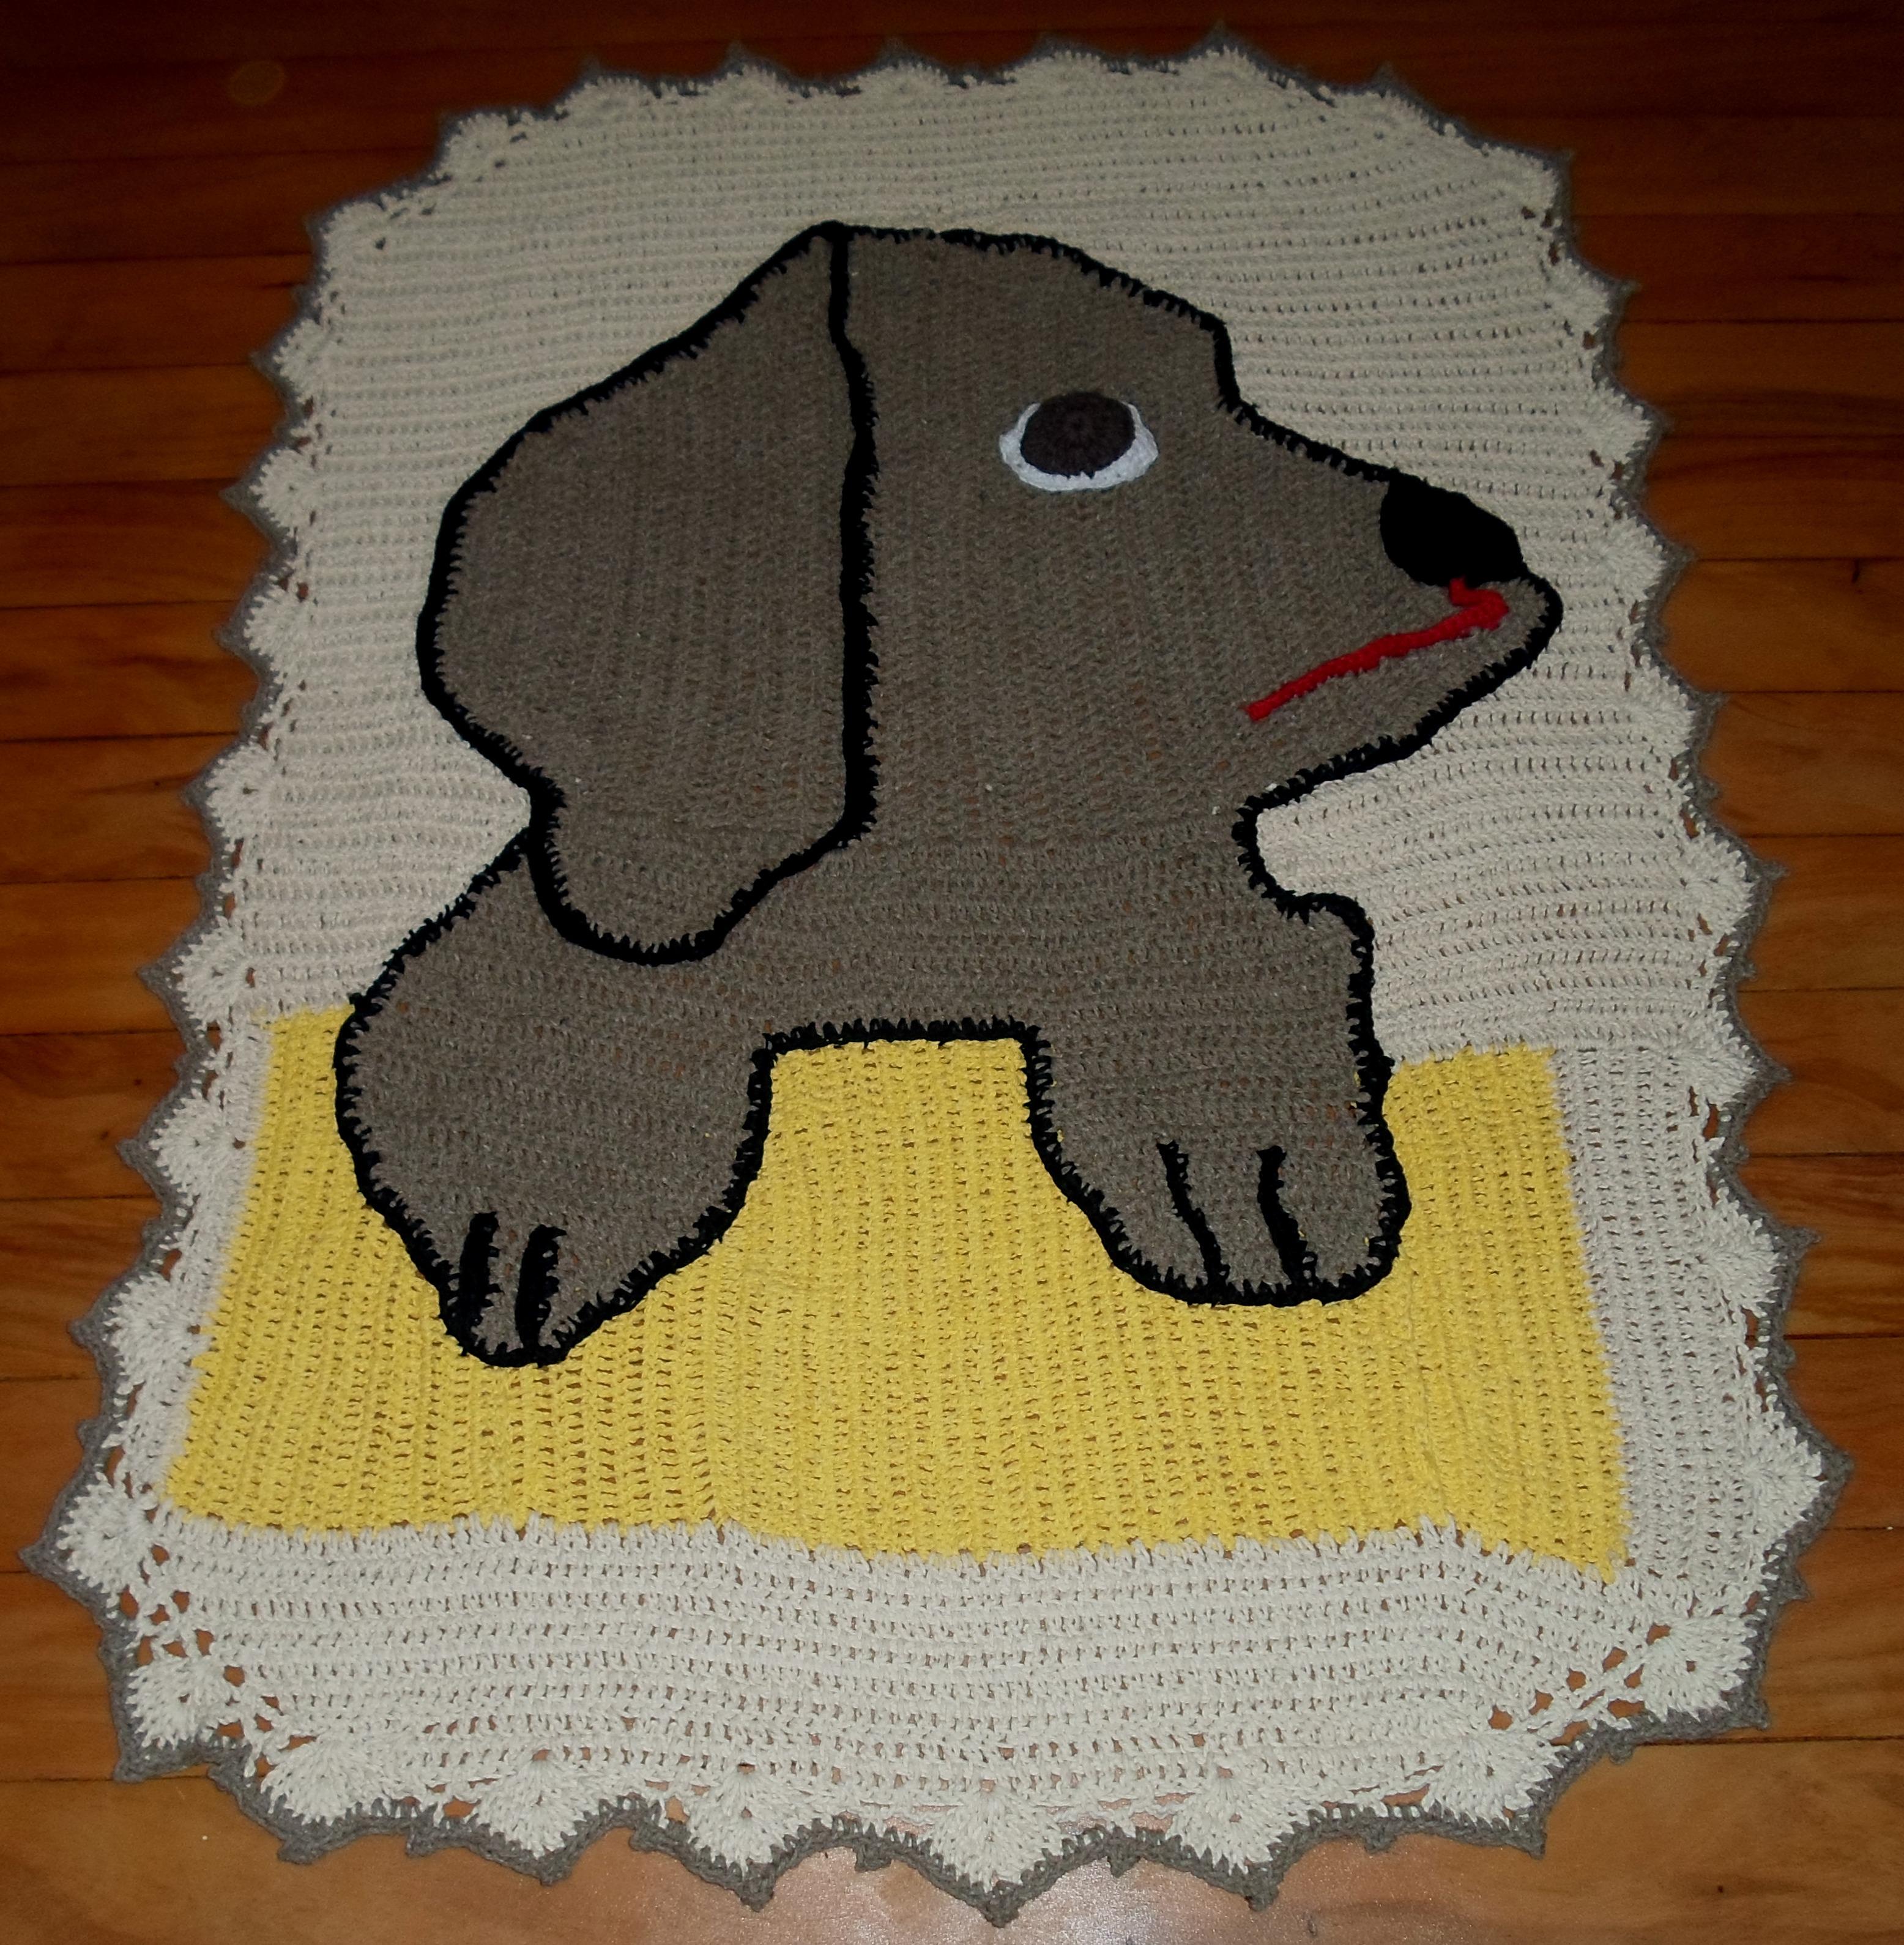 tapete de croche cachorro Diva Elo7 #663B18 3112 3179